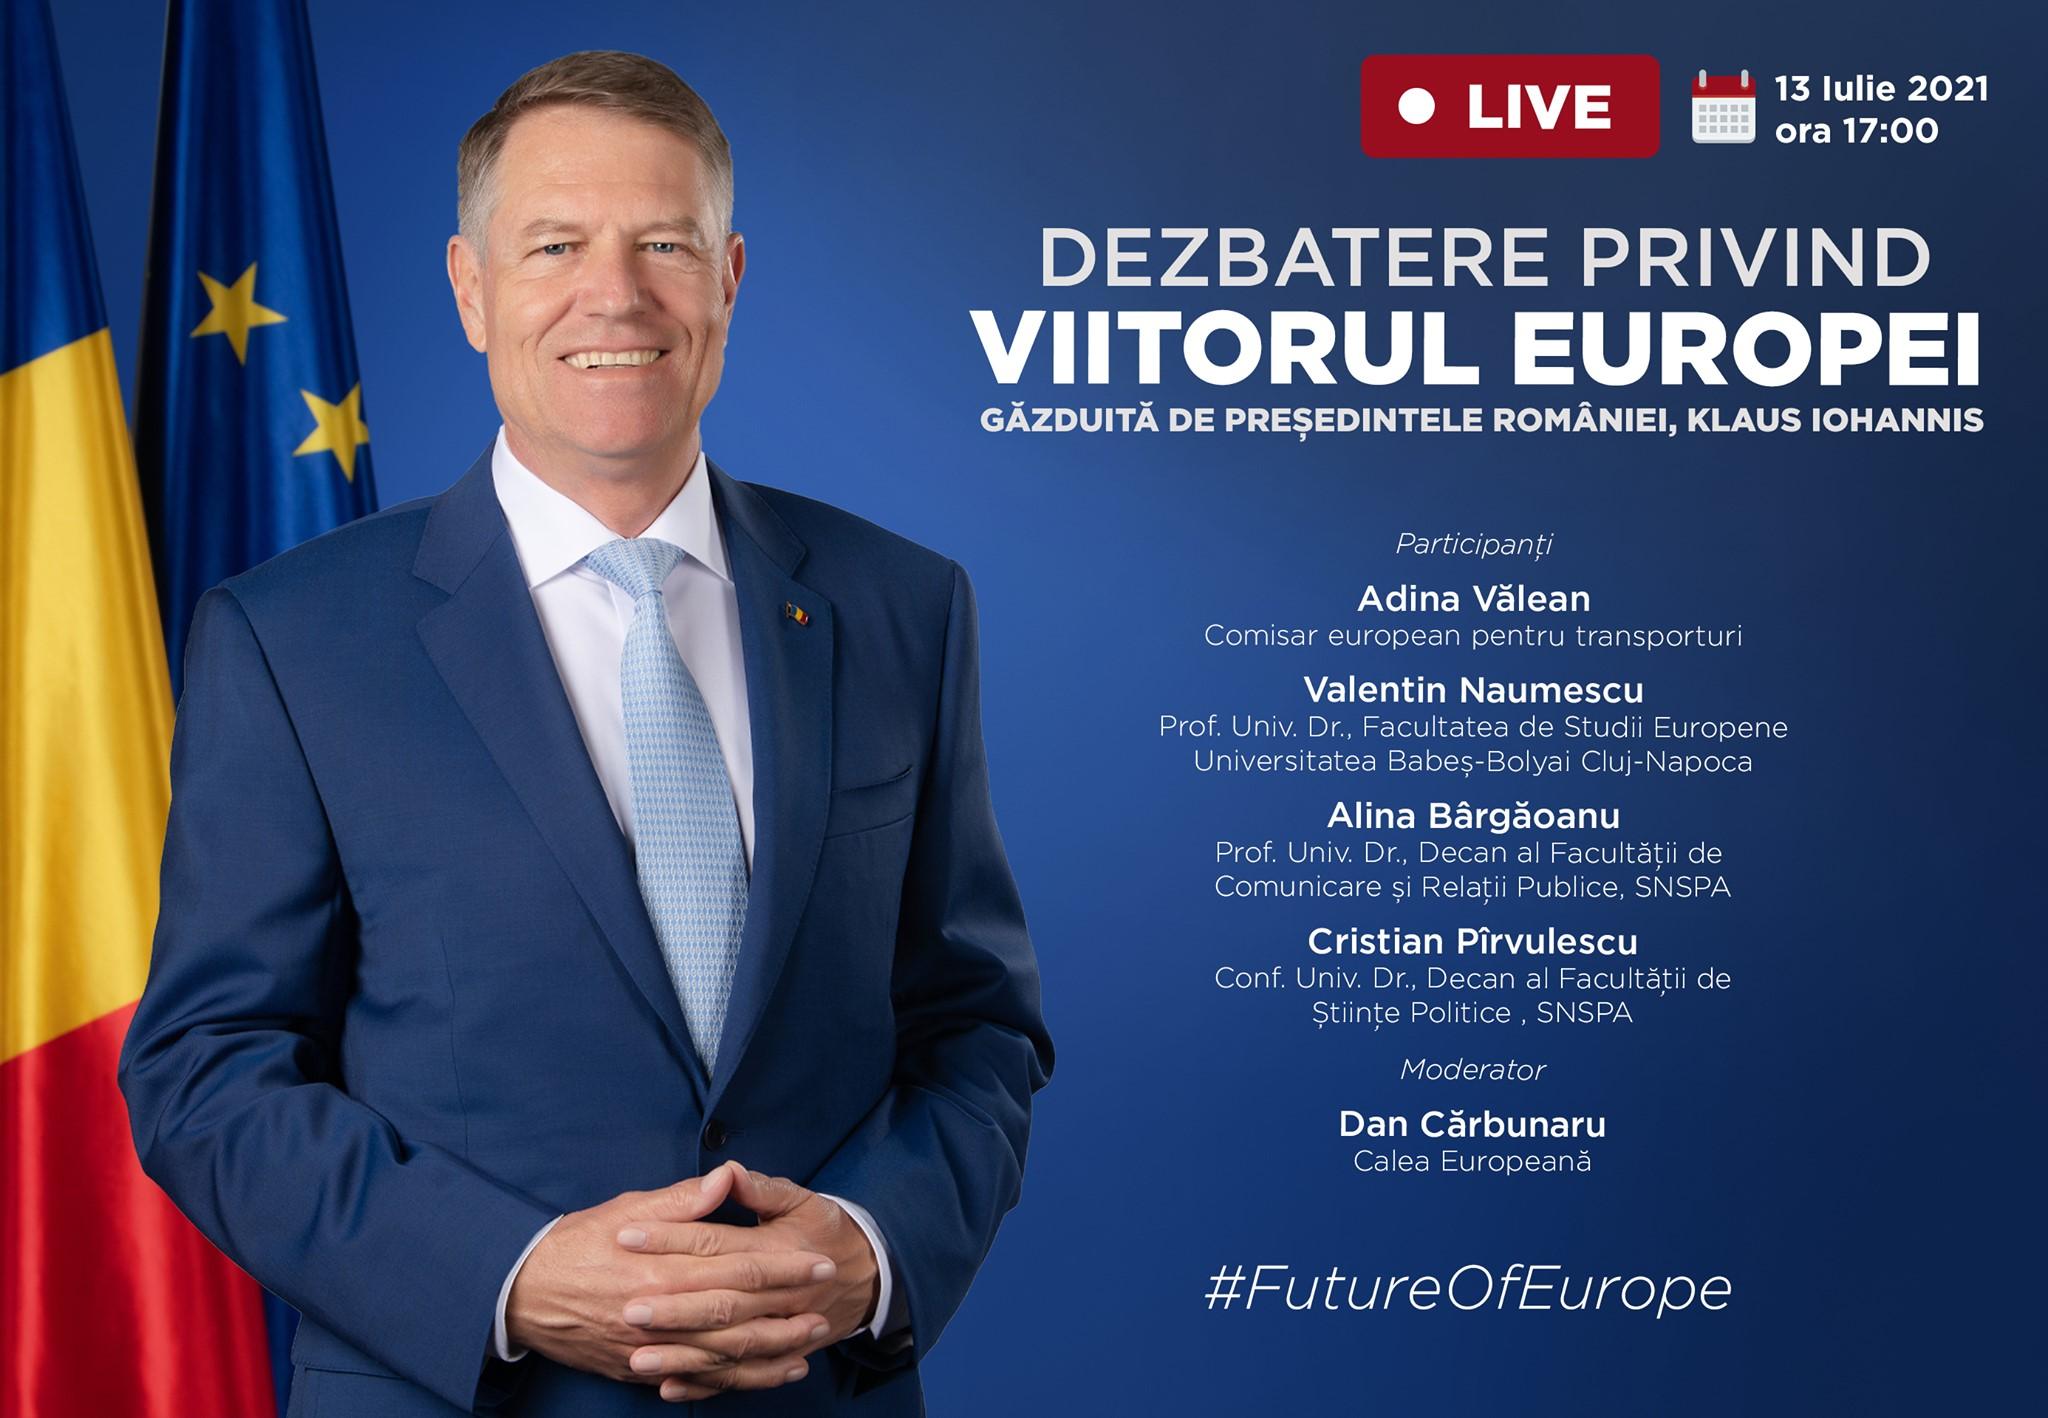 Lansarea oficială a dezbaterii naționale privind viitorul Europei, găzduită de Iohannis. Unde o poți urmări